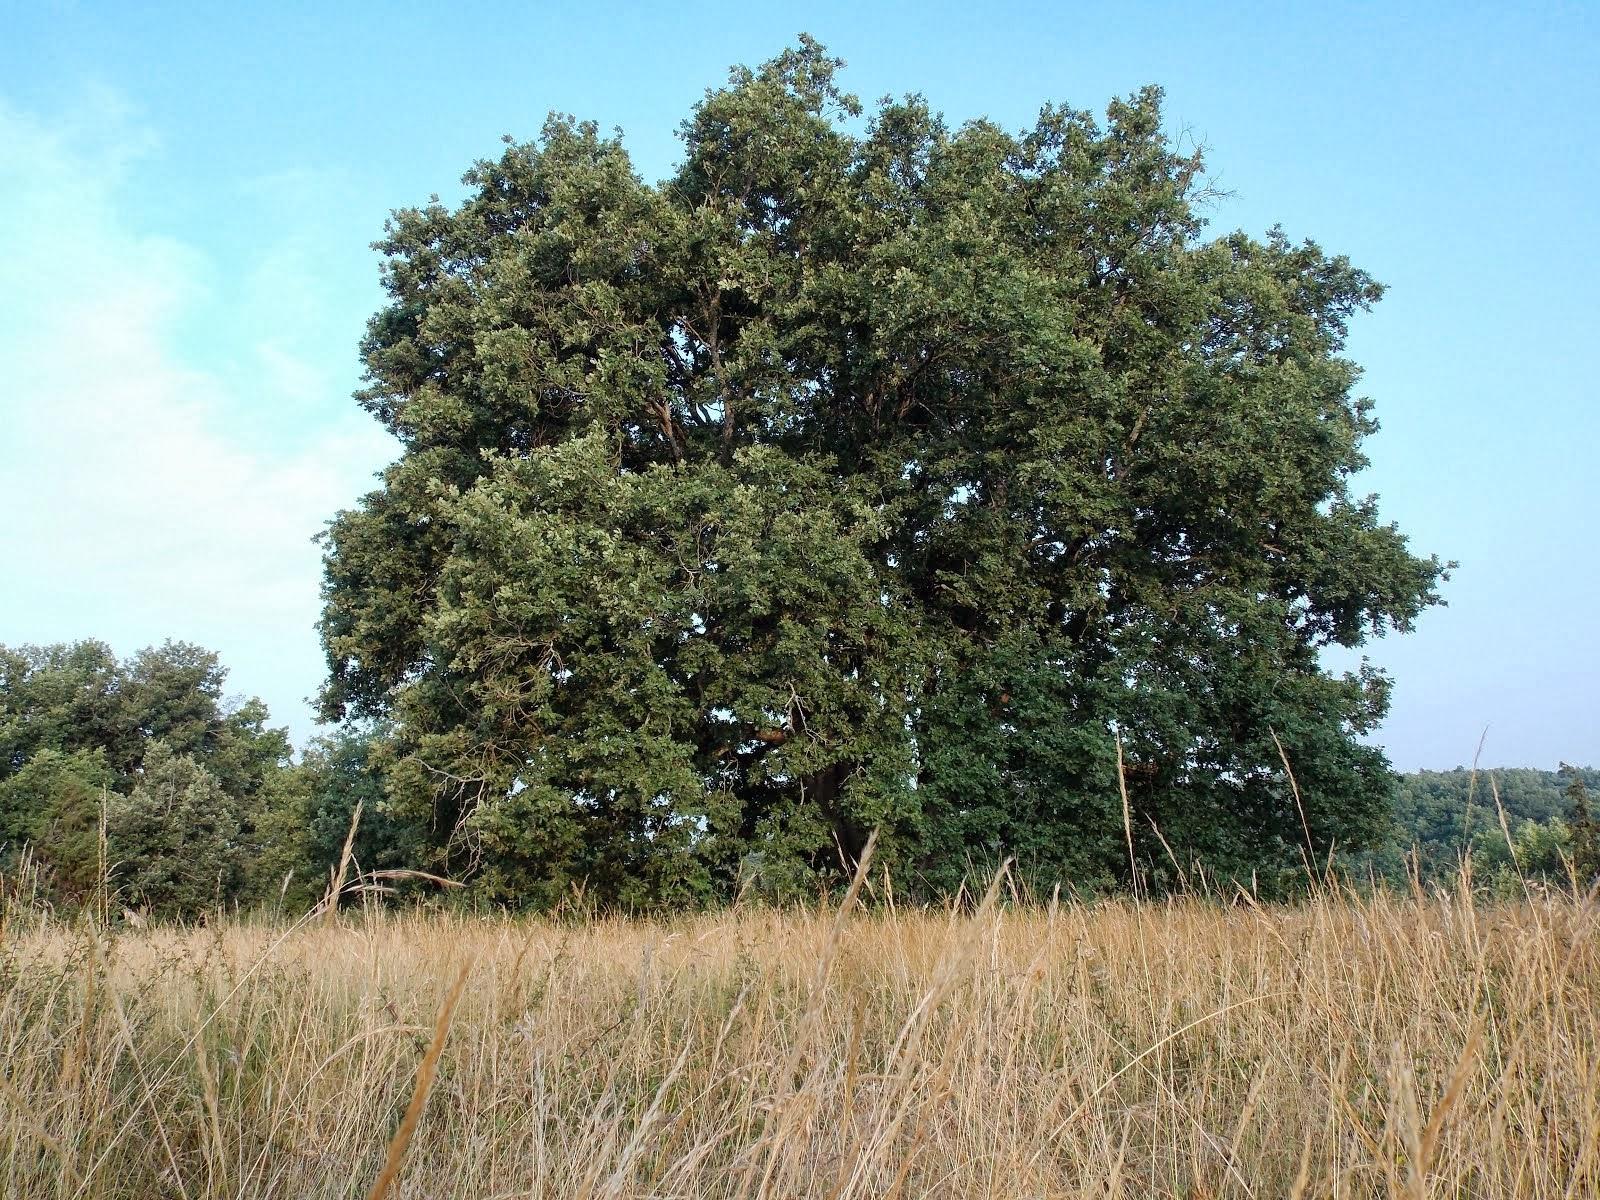 Le chêne de l'éperon de Murat, Ferrière-Larçon